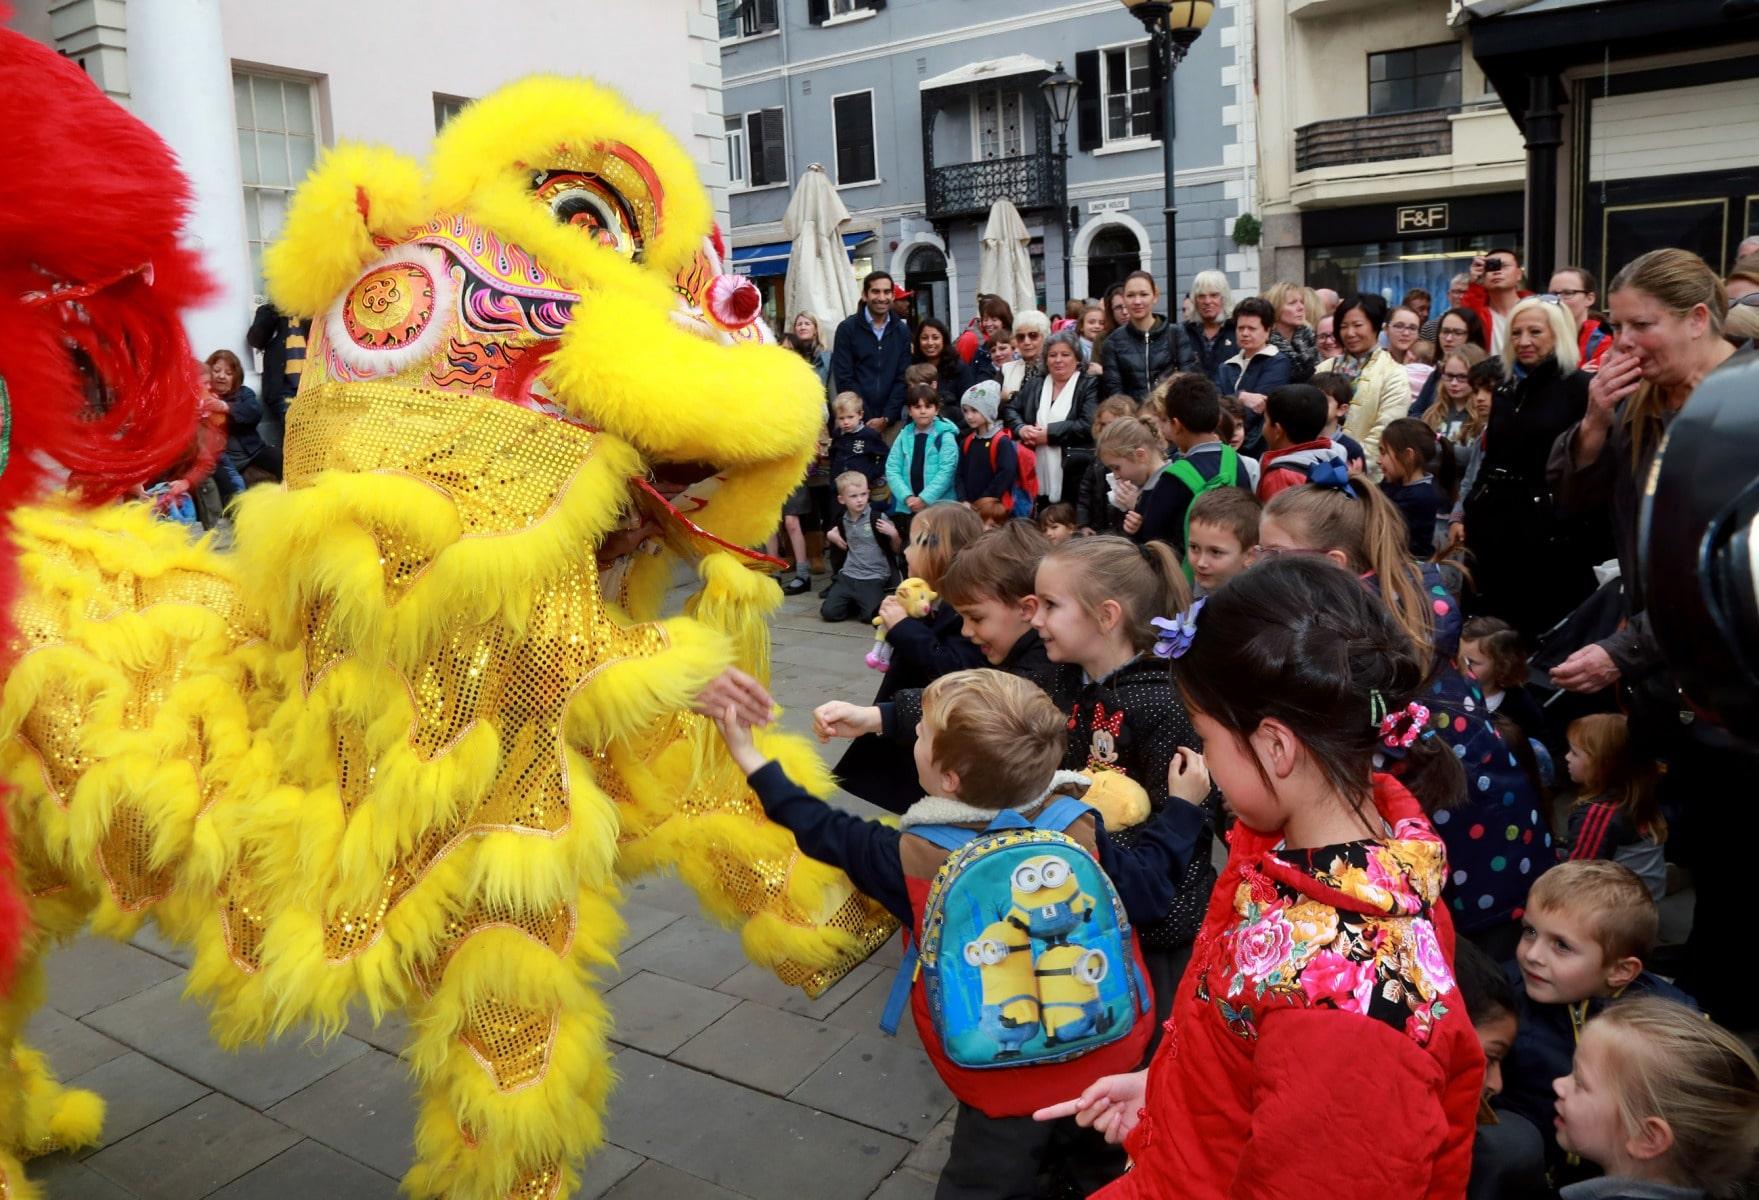 10-feb-2016-celebracin-en-gibraltar-del-ao-nuevo-chino-16_24823160332_o